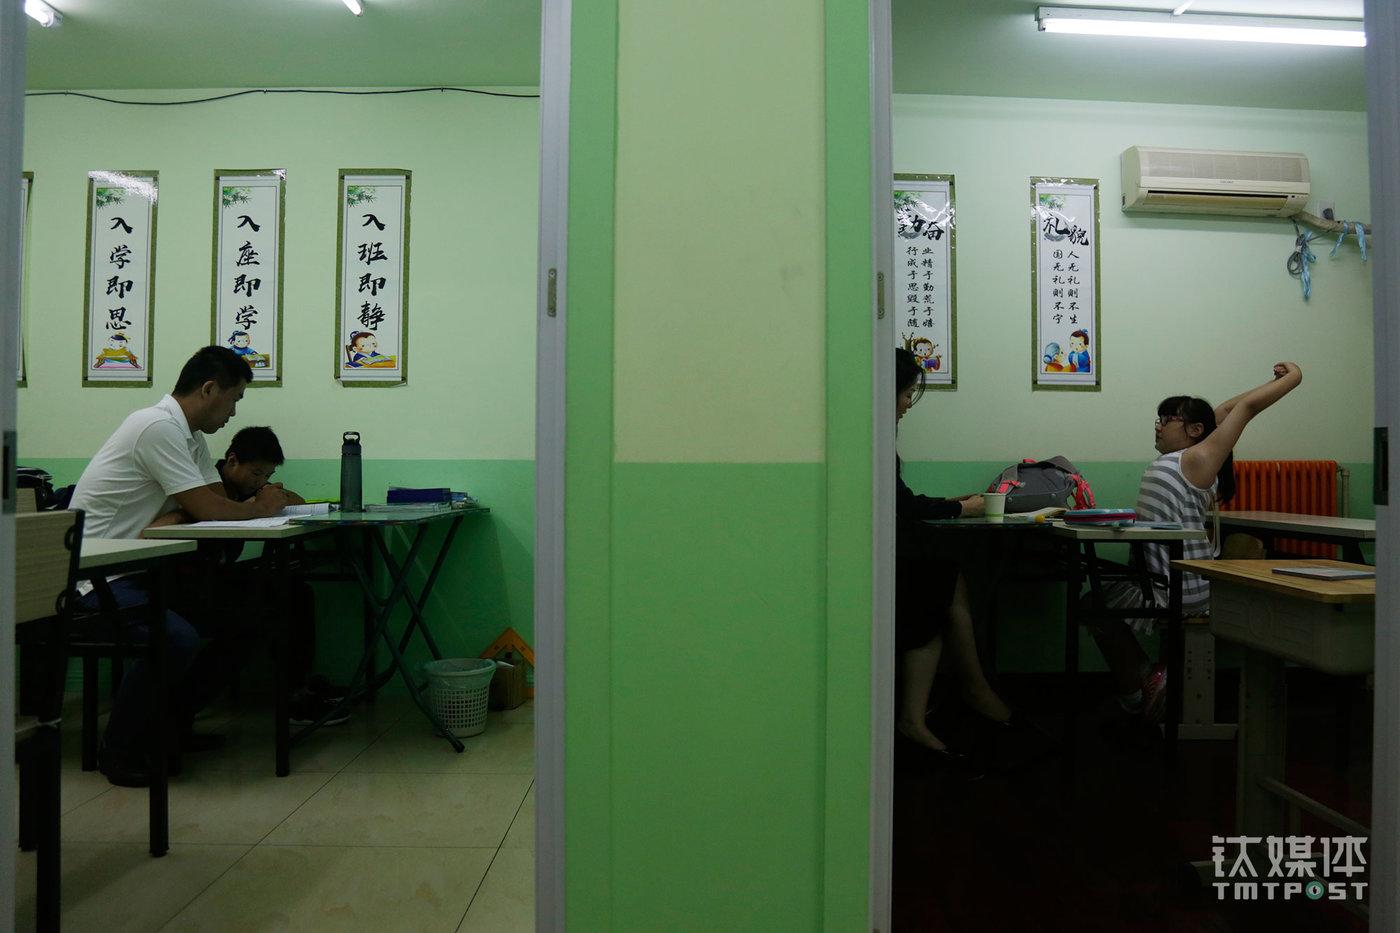 """两名老师在给两名放学后来上课的小学生讲题。这家培训学校与被称为""""北京最牛小学之一""""的中关村一小仅一墙之隔,在这个面积不大的小区,有""""超过40家""""各类针对小学生的培训学校。(陈拯 摄)"""